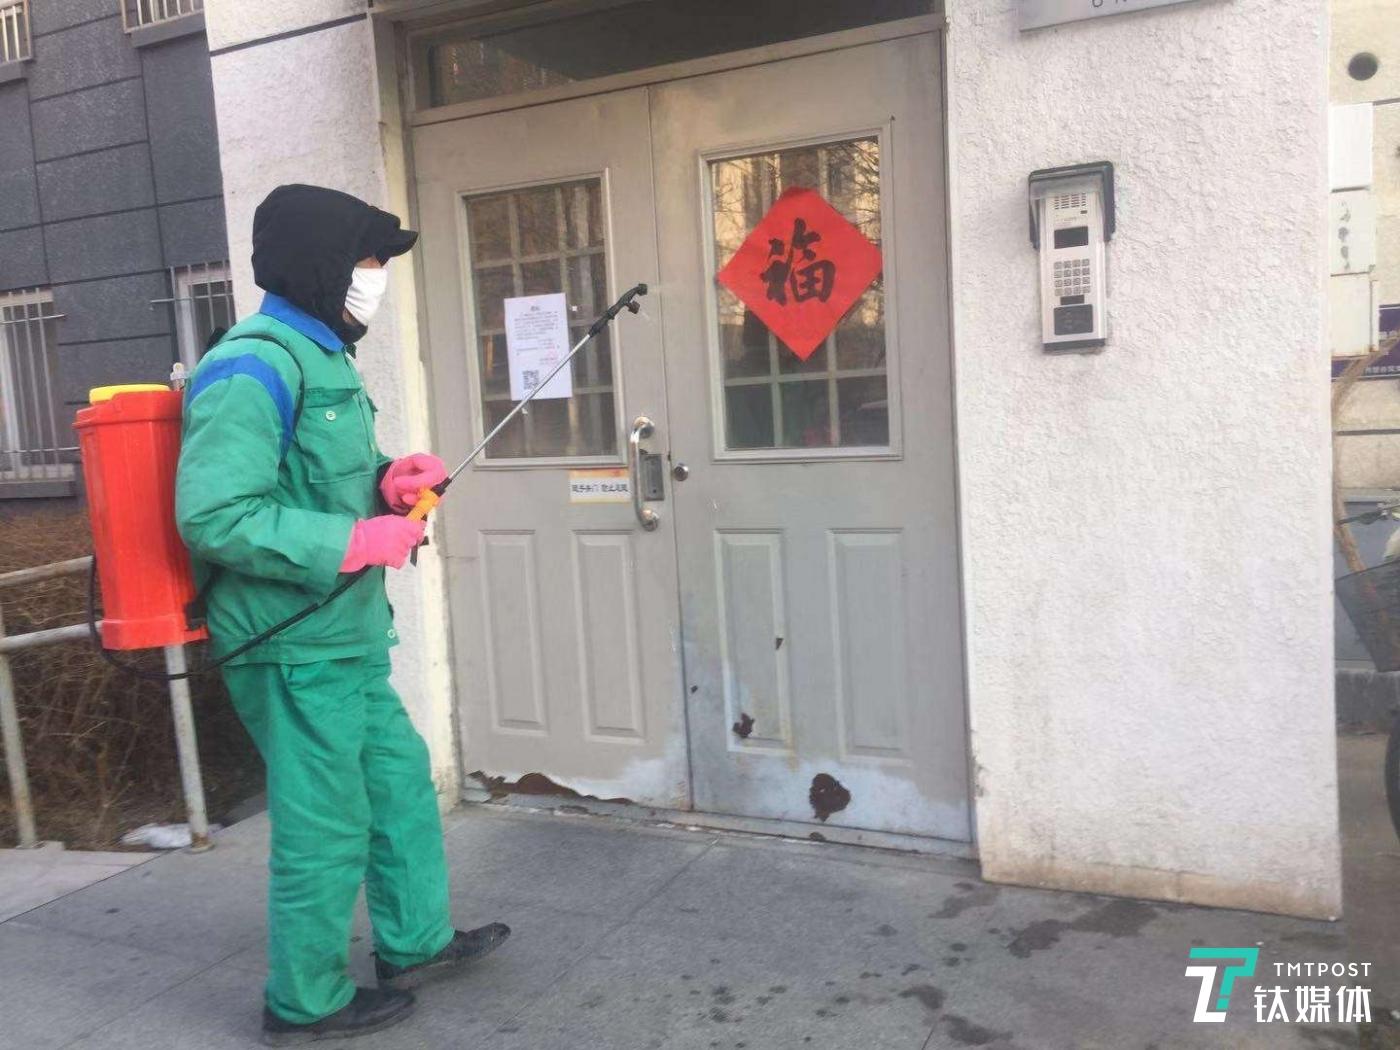 金地物业工作人员正在北京回龙观某小区进行消毒作业